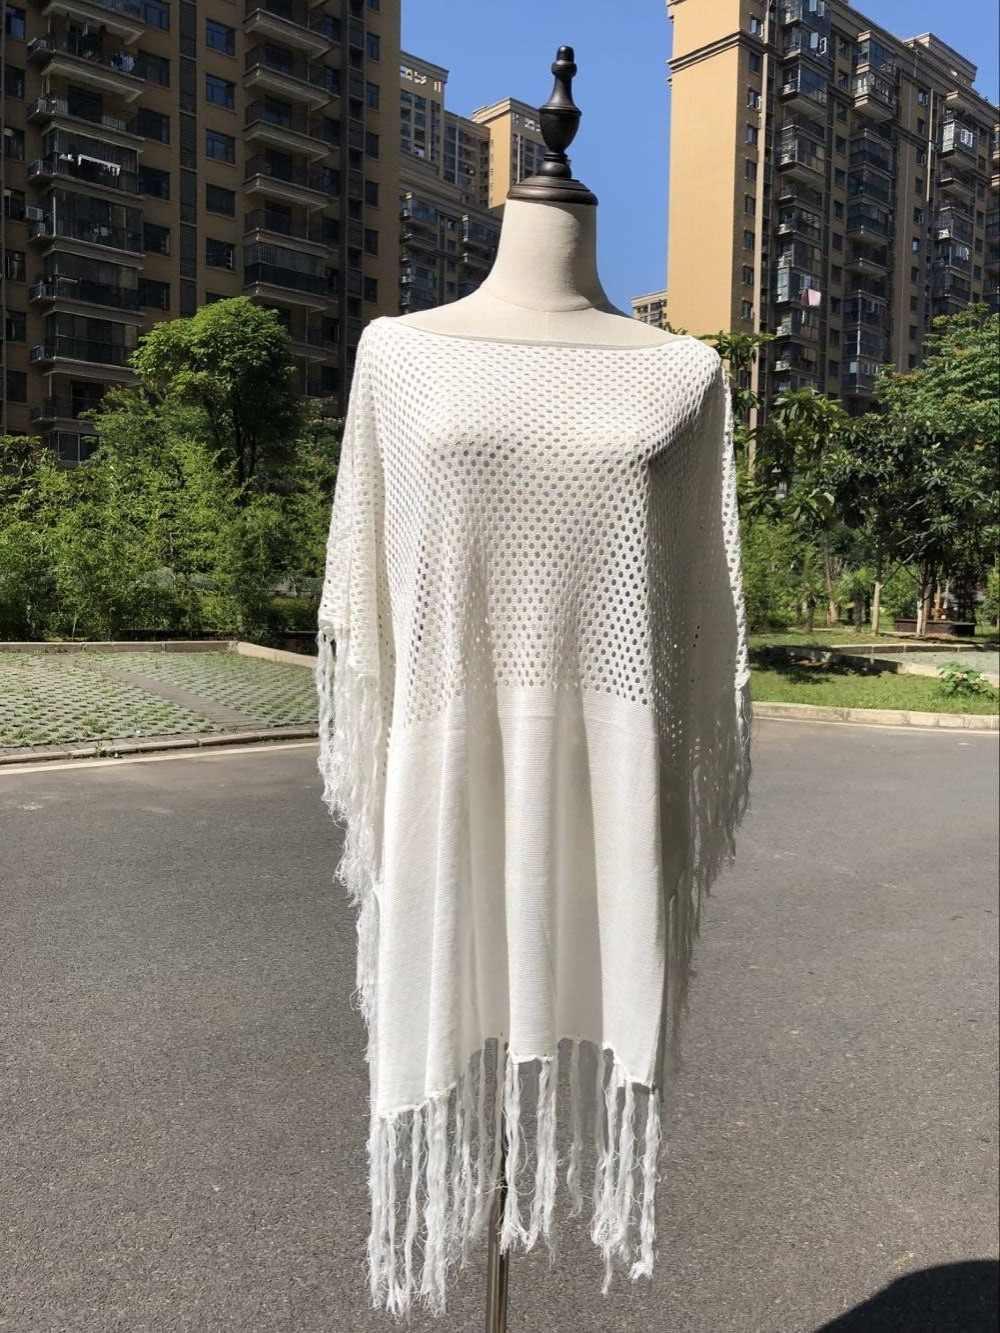 2020 con flecos verano de las mujeres ropa de playa traje de baño cubierta de baño Sexy vestido de Crochet blanco bikini con túnica cubierta de ups pareos # Q483